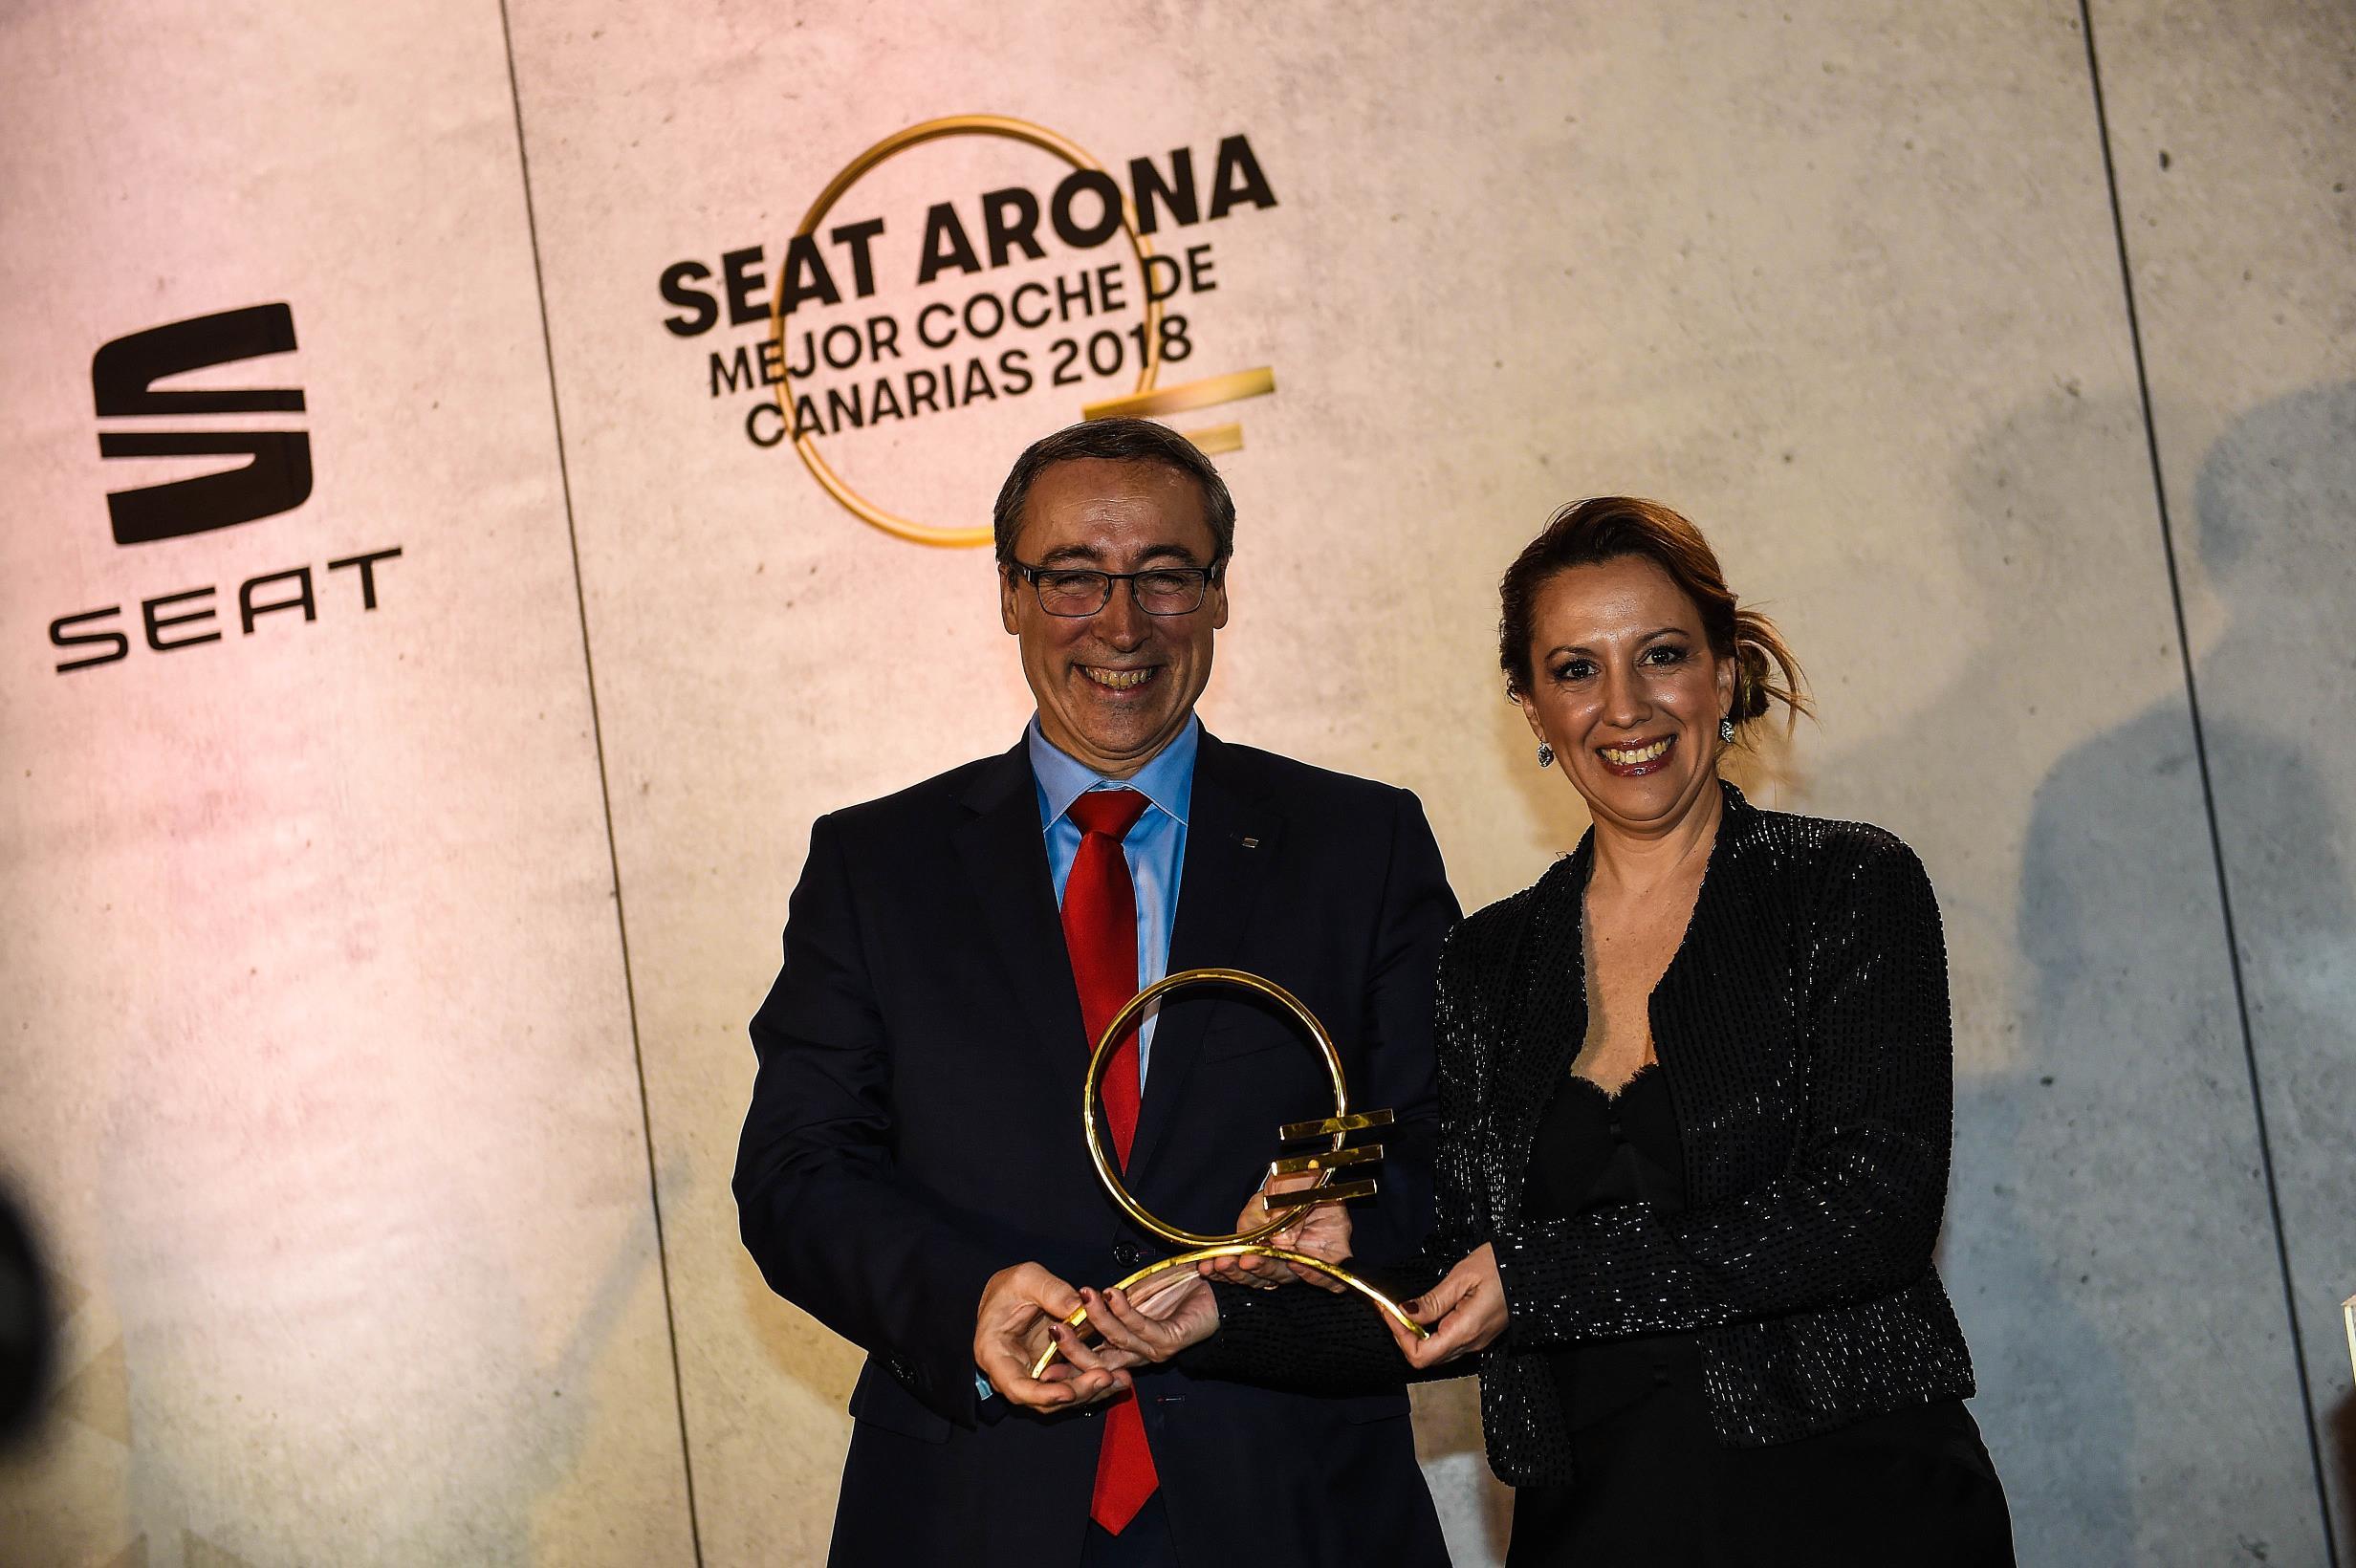 SEAT Arona coche del año en Canarias